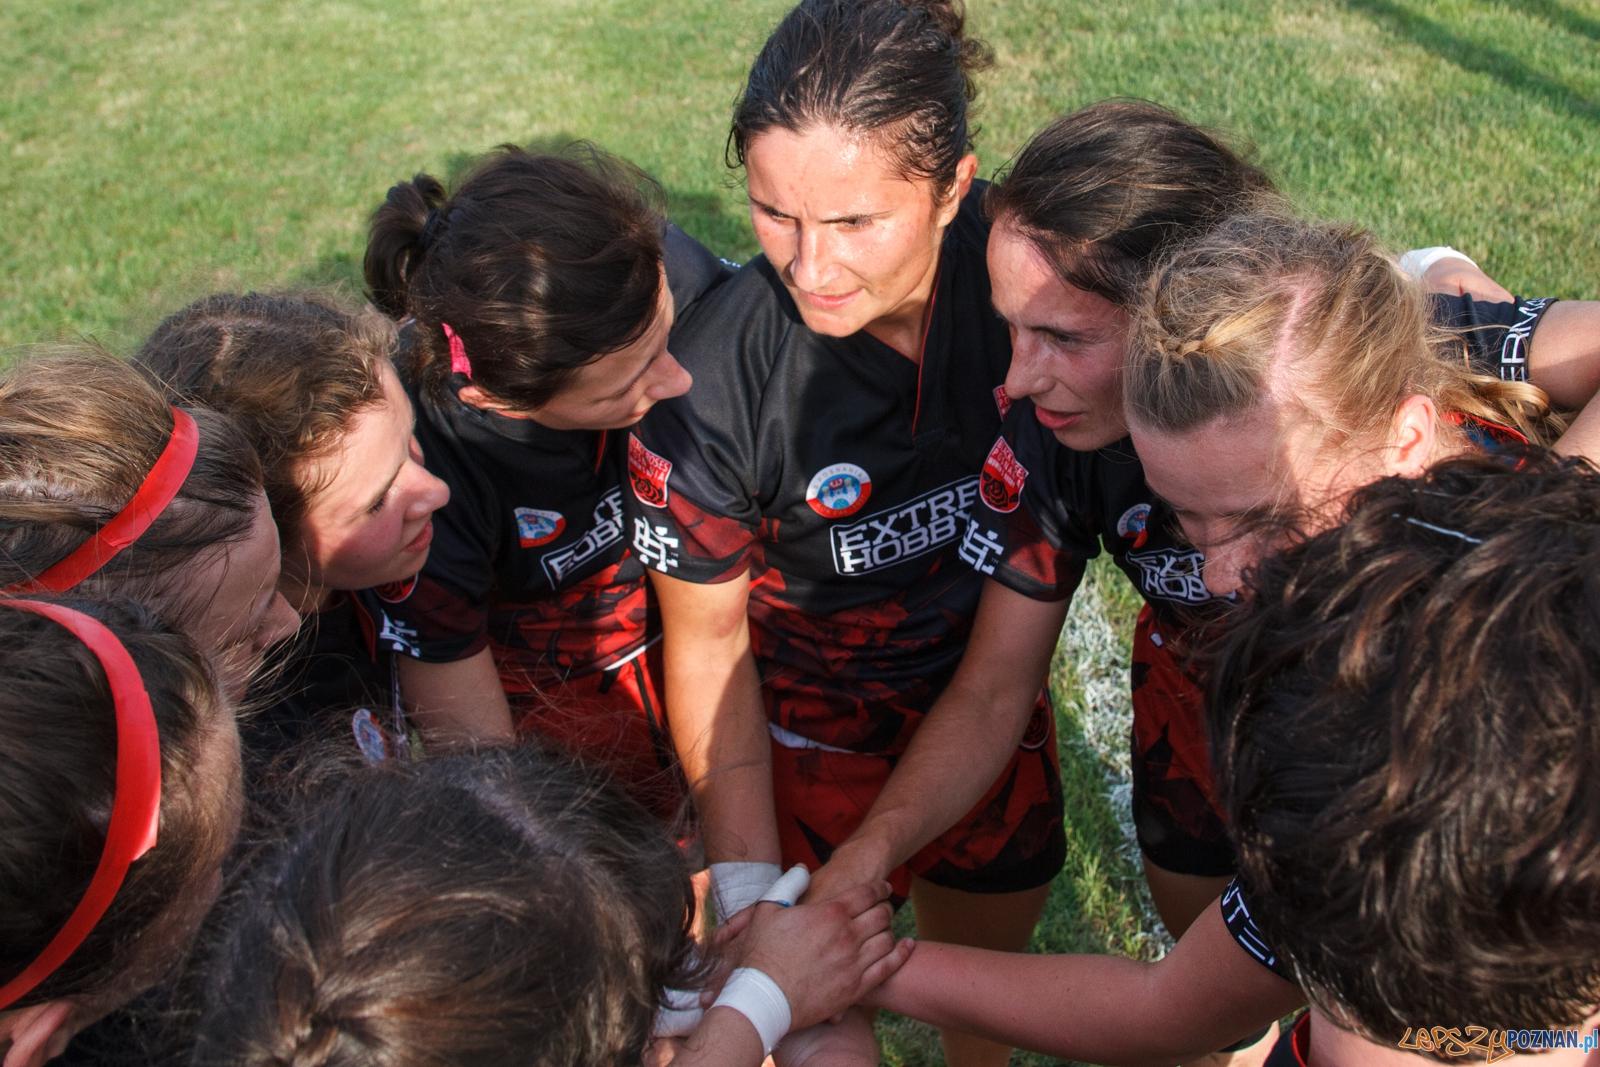 Turniej Mistrzostw Polski Kobiet w Rugby 7 - Poznań 04.06.2016  Foto: LepszyPOZNAN.pl / Paweł Rychter